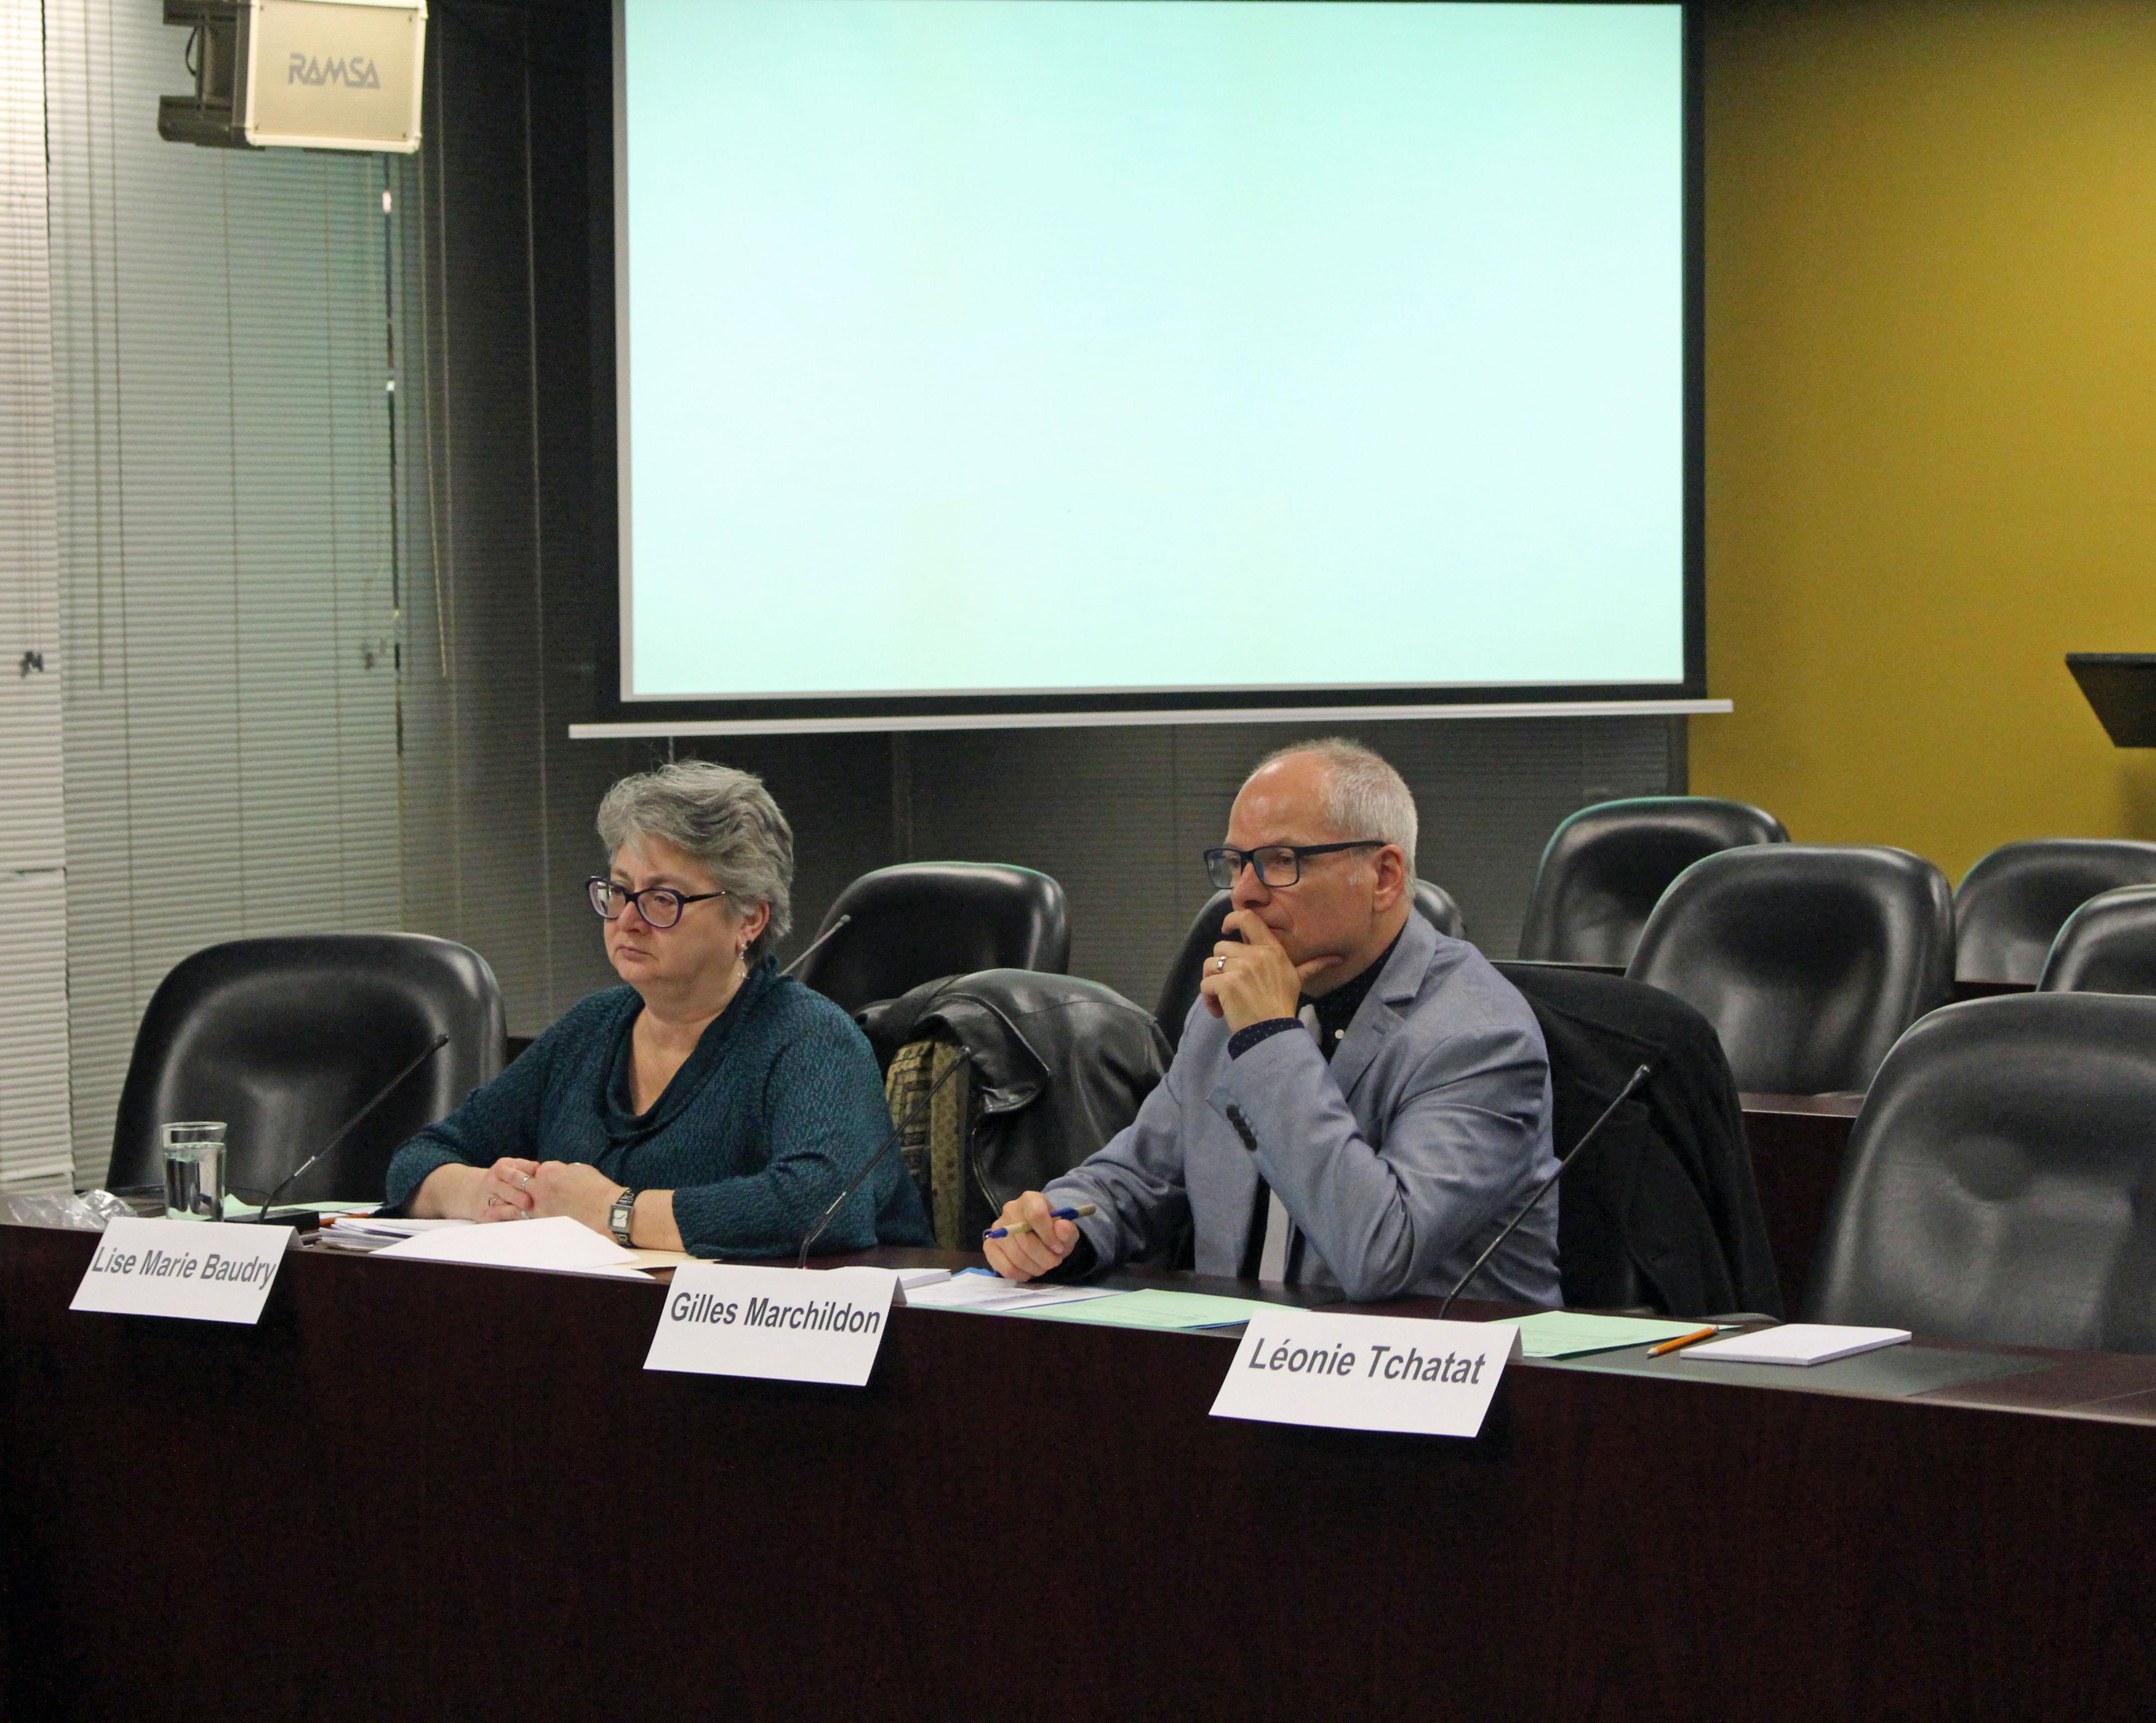 La coprésidente Lise Marie Baudry (à gauche) proposait le sujet de la santé publique comme objectif principal pour 2017